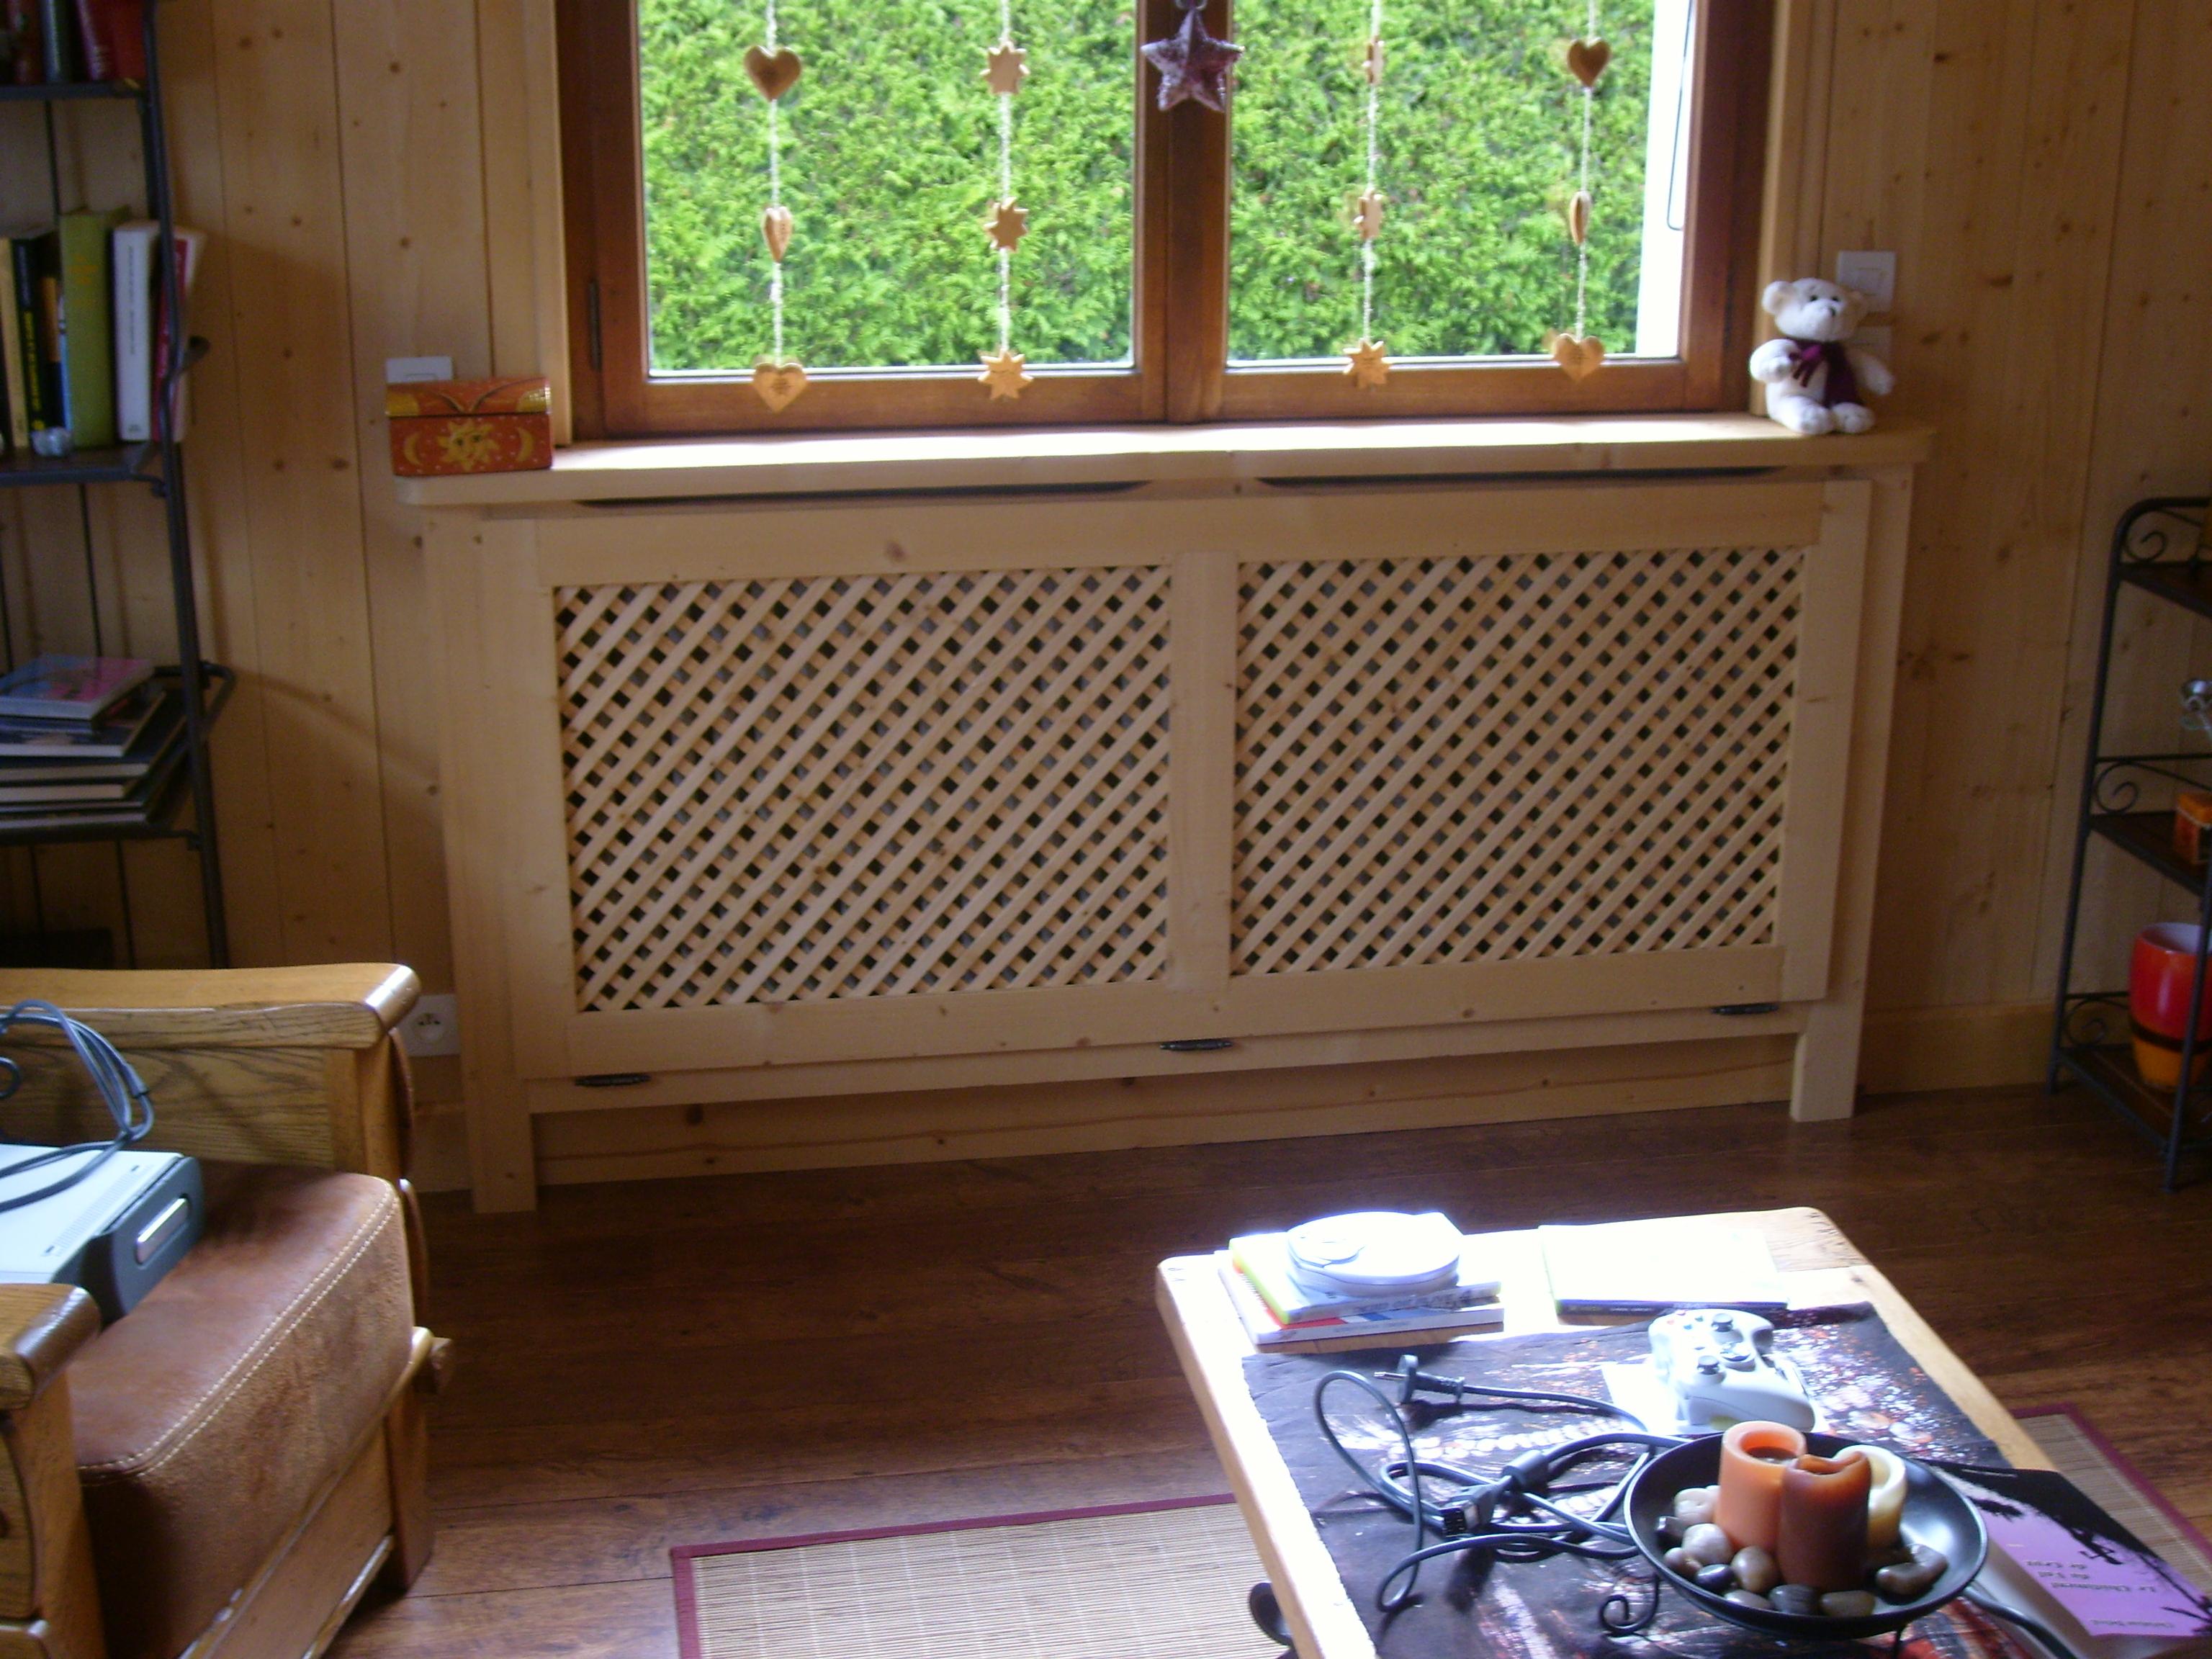 agencement sur mesure vieux bois caches radiateurs plafond porte d 39 entr e chemin e. Black Bedroom Furniture Sets. Home Design Ideas